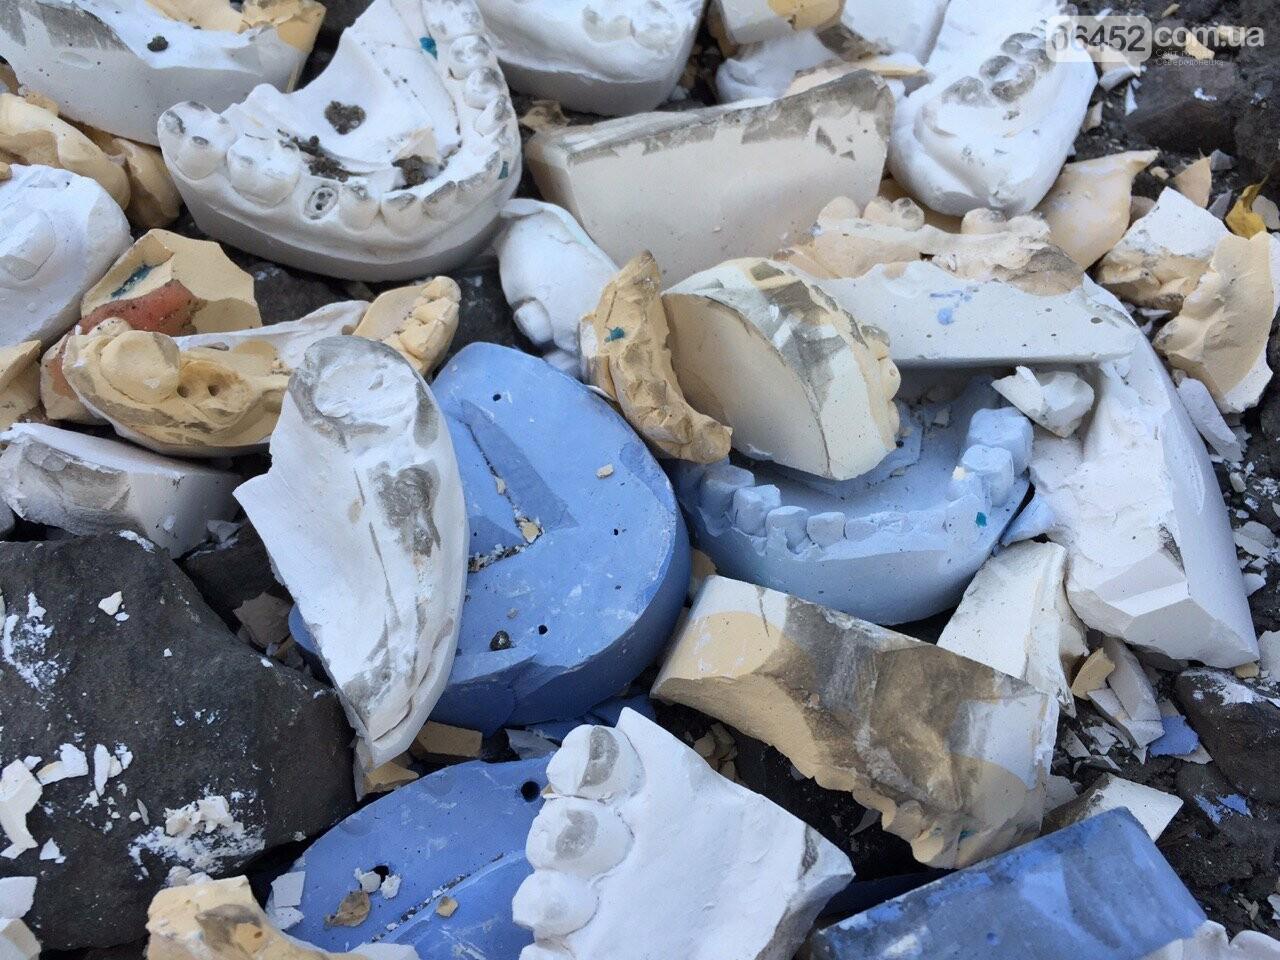 Челюсти вместо асфальта: в Северодонецке засыпали яму зубными протезами, фото-1